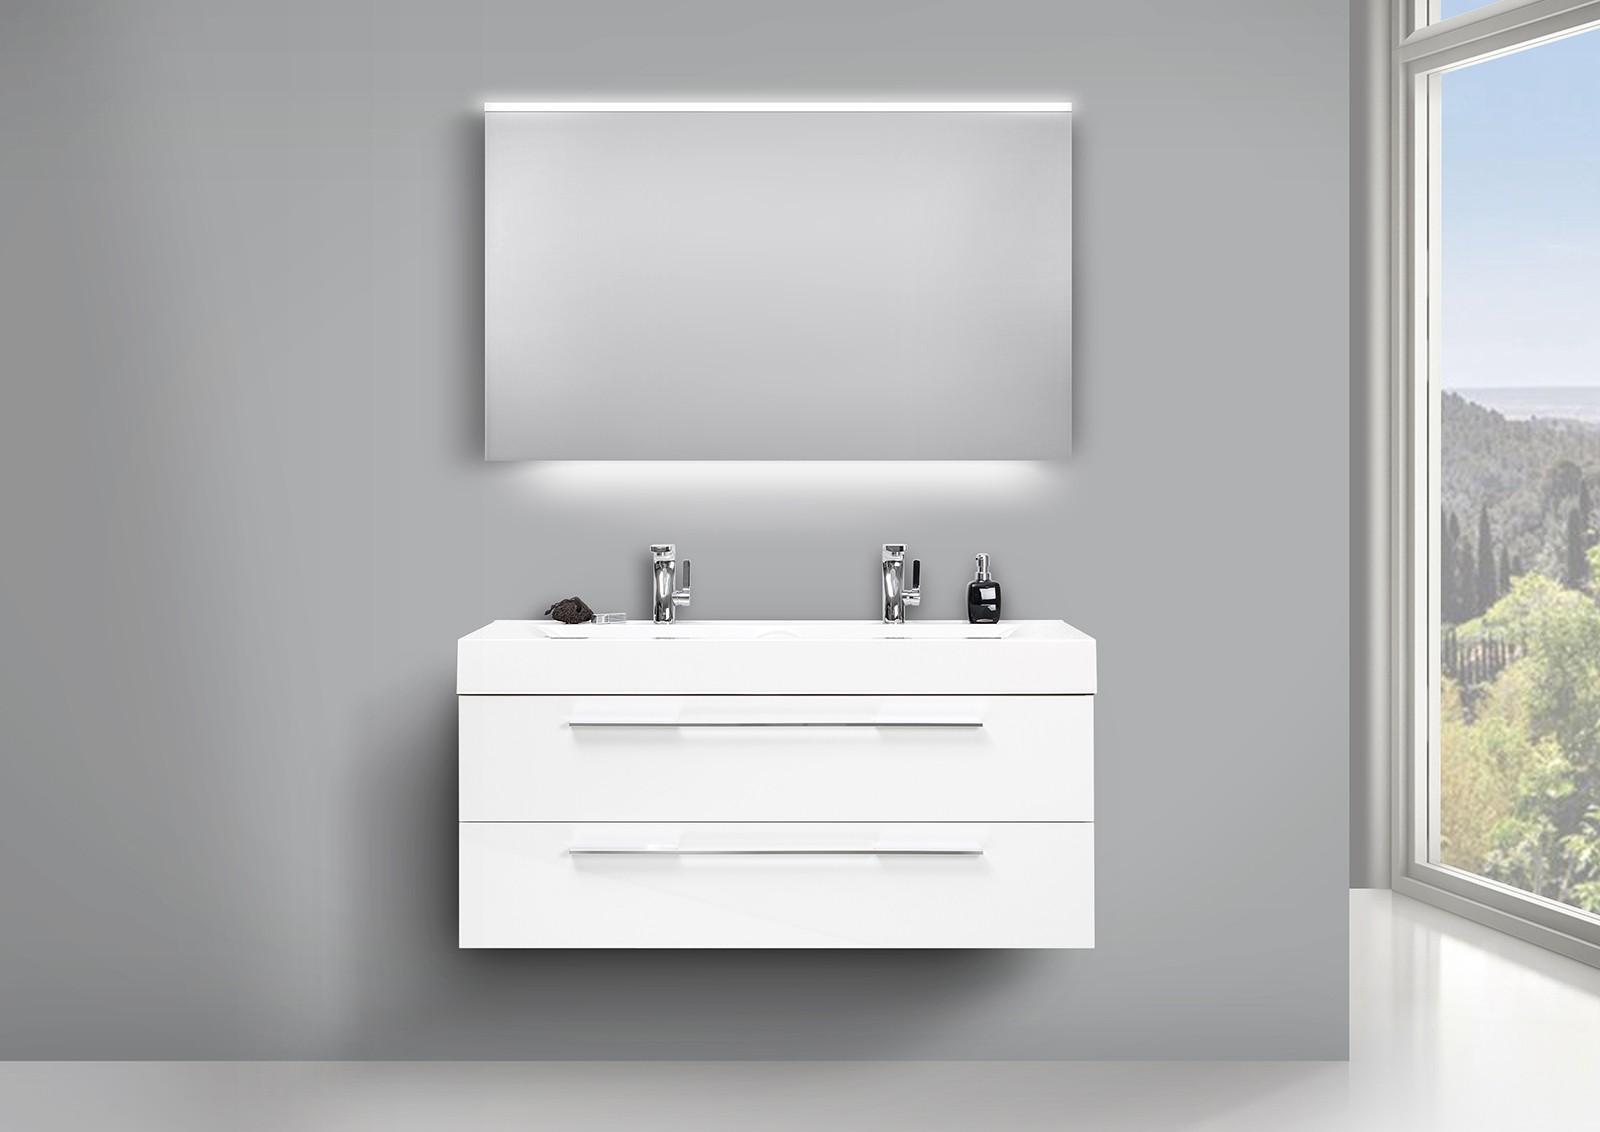 Badezimmer set doppelwaschtisch unterschrank 120cm weiss for Badezimmer set doppelwaschtisch